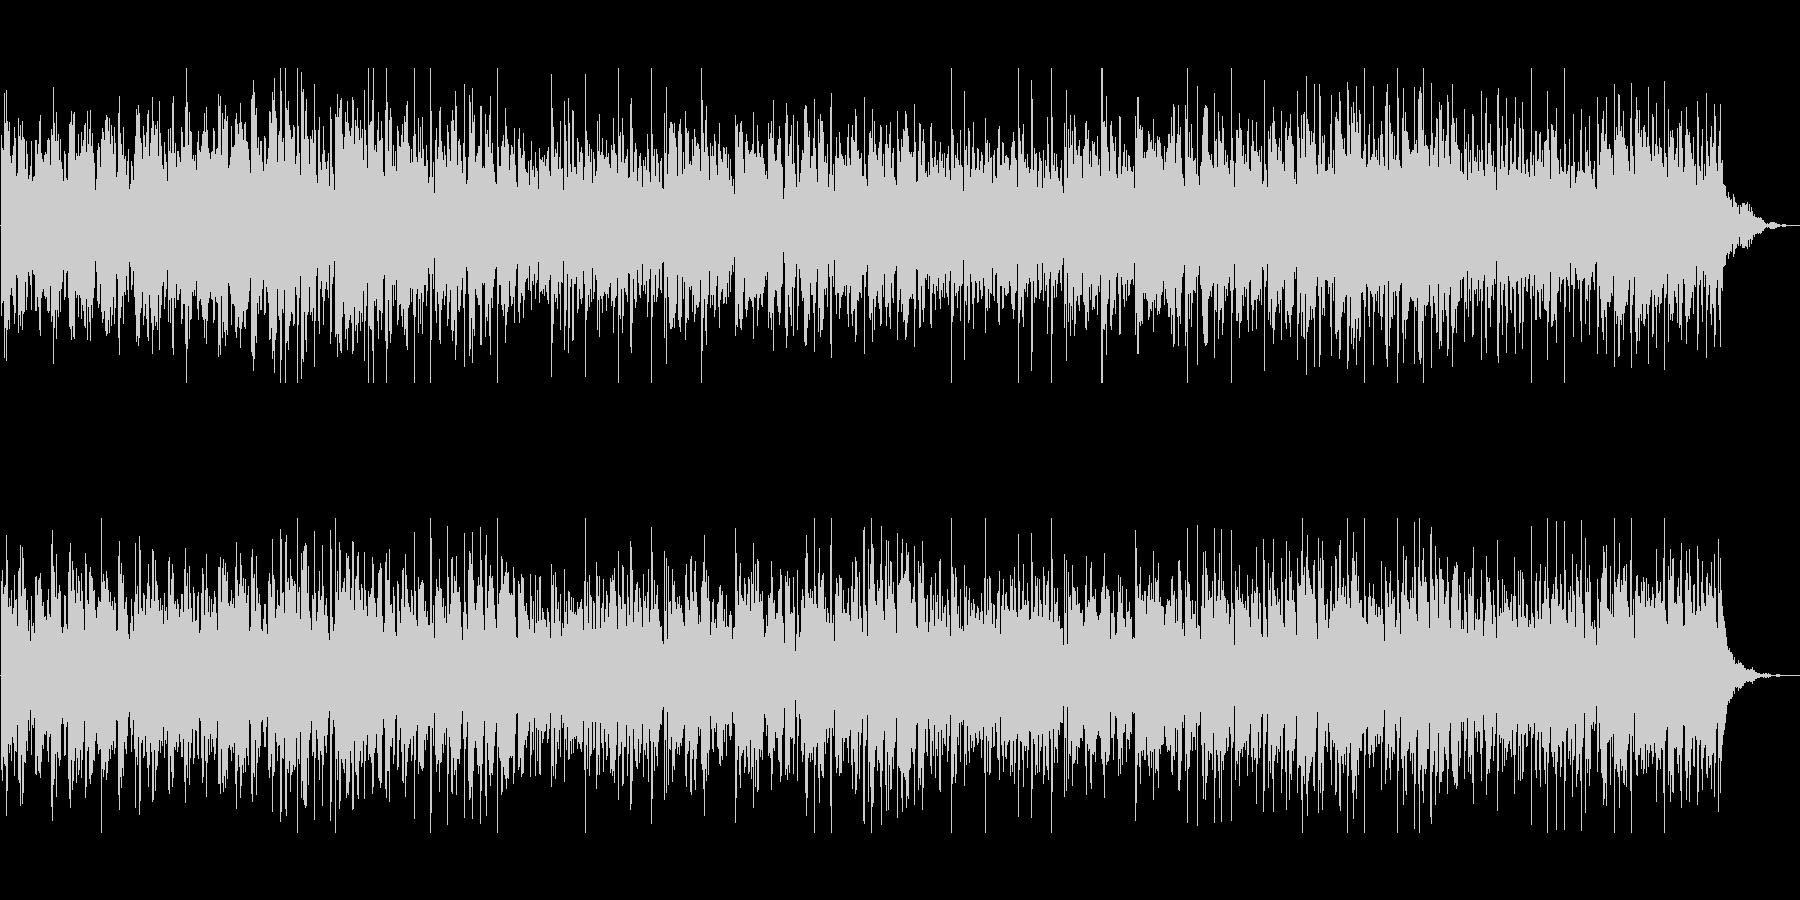 エレピとオルゴールのアンサンブルBGMの未再生の波形